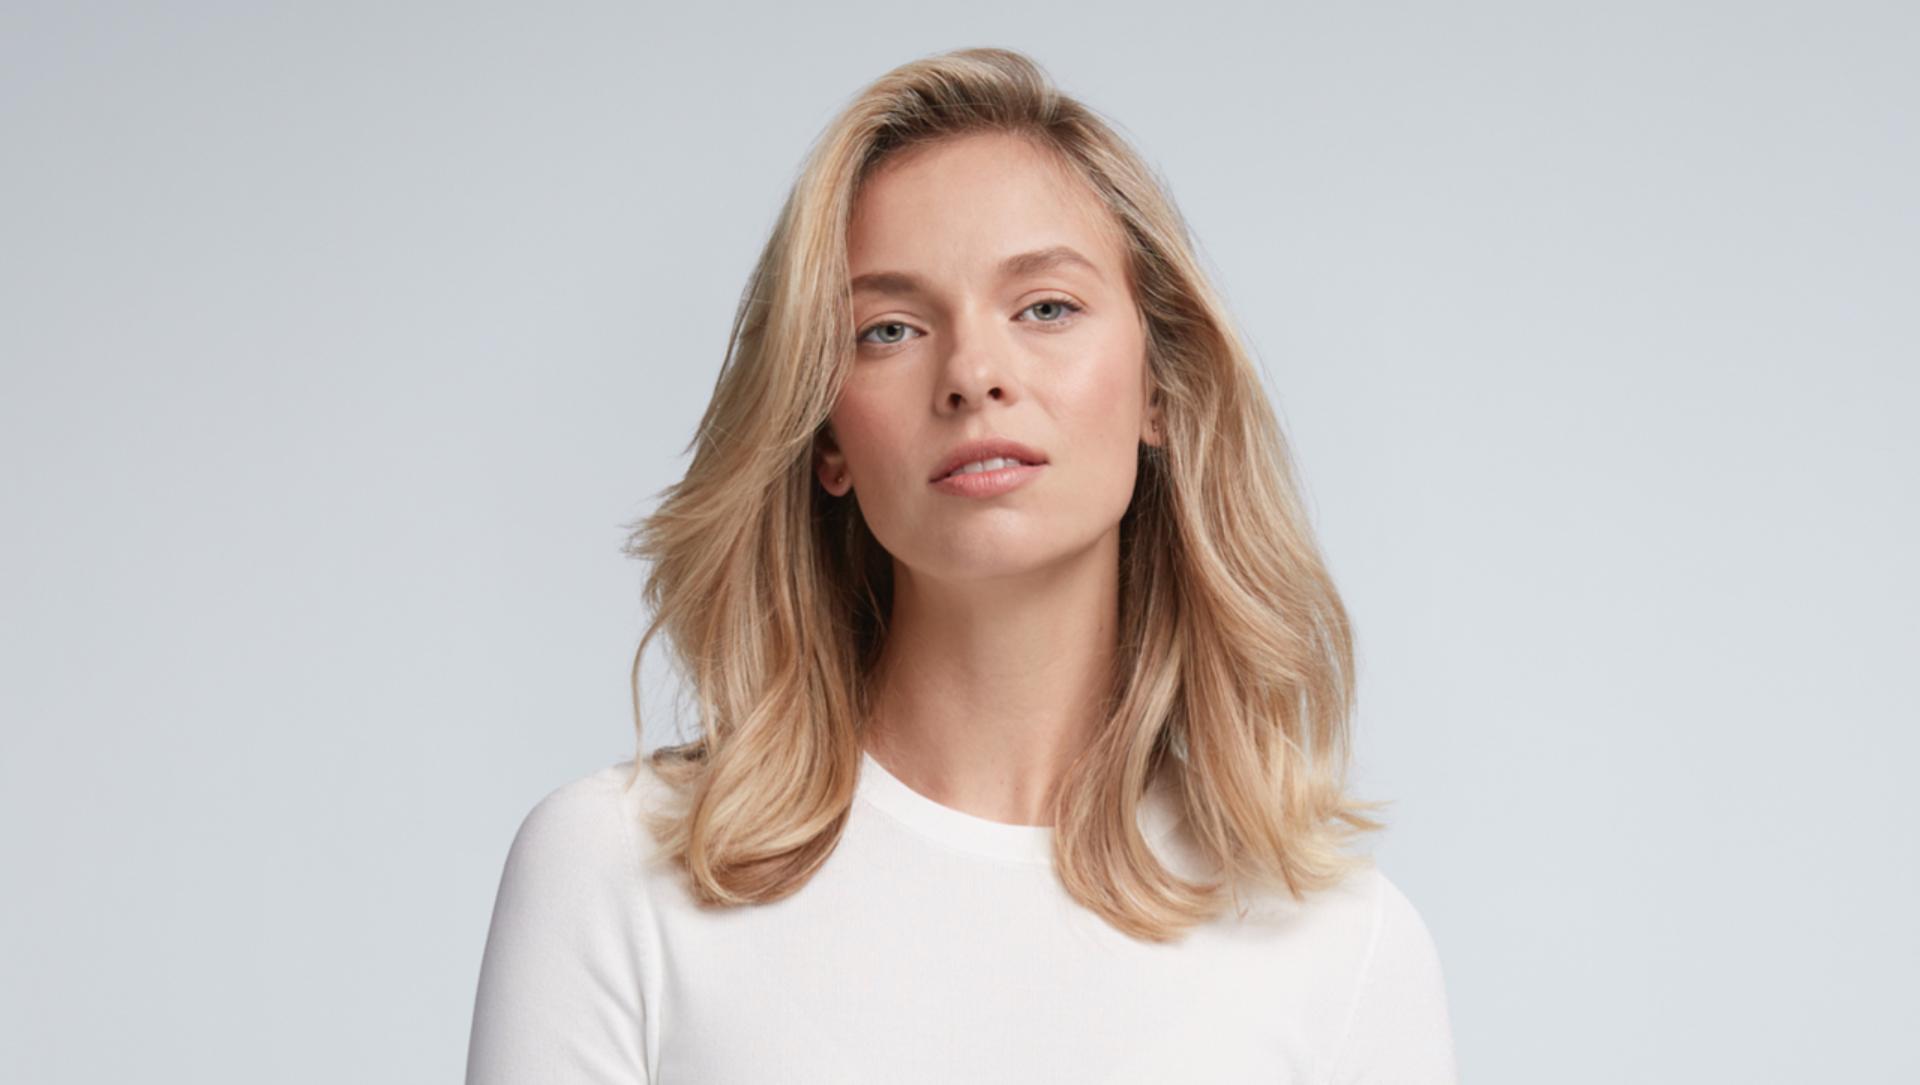 Daha uzun saç ömrü ve canlılık için kısa saçınızı nasıl şekillendireceğinizi gösteren video.